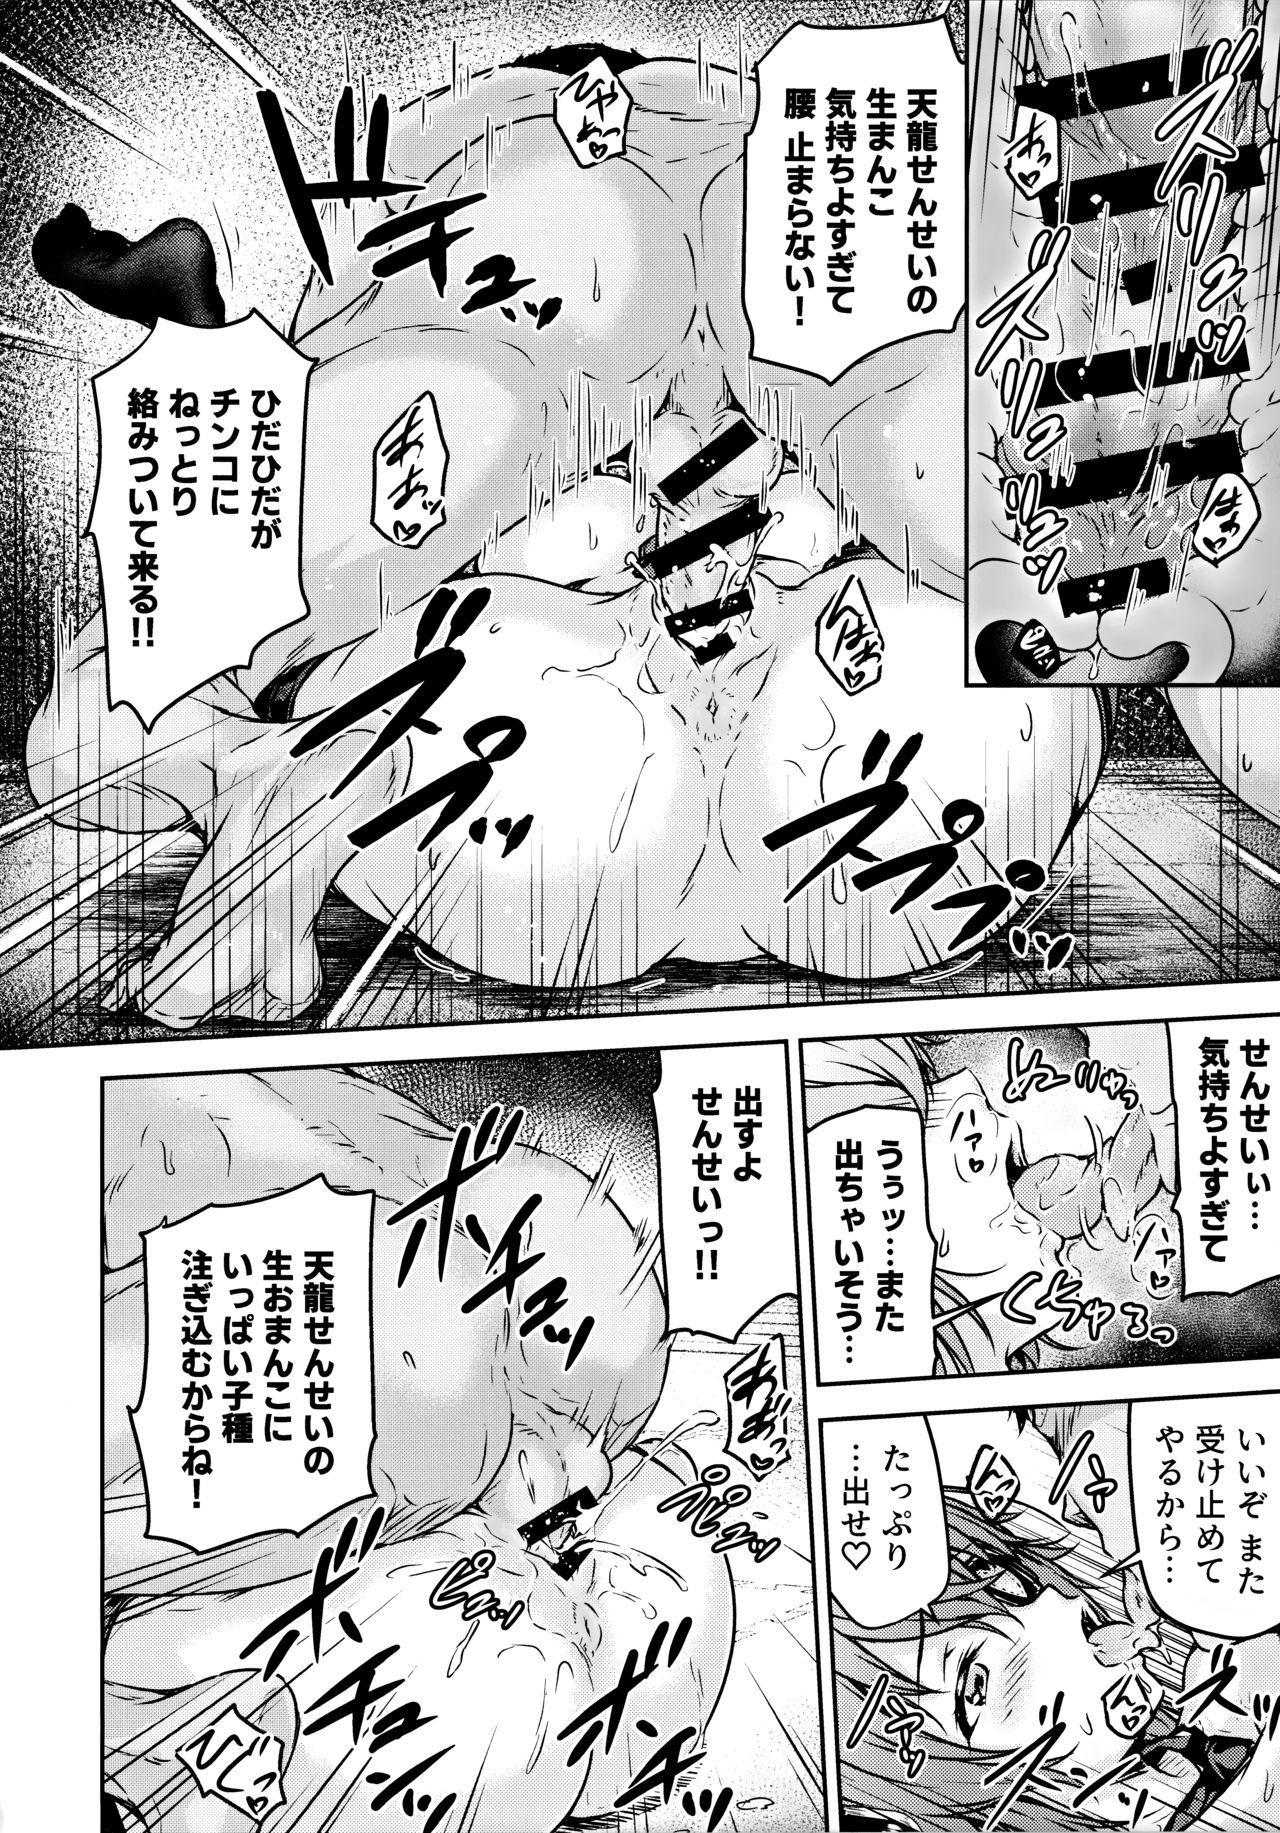 Tenryuu Sensei no Otona Youchien 18